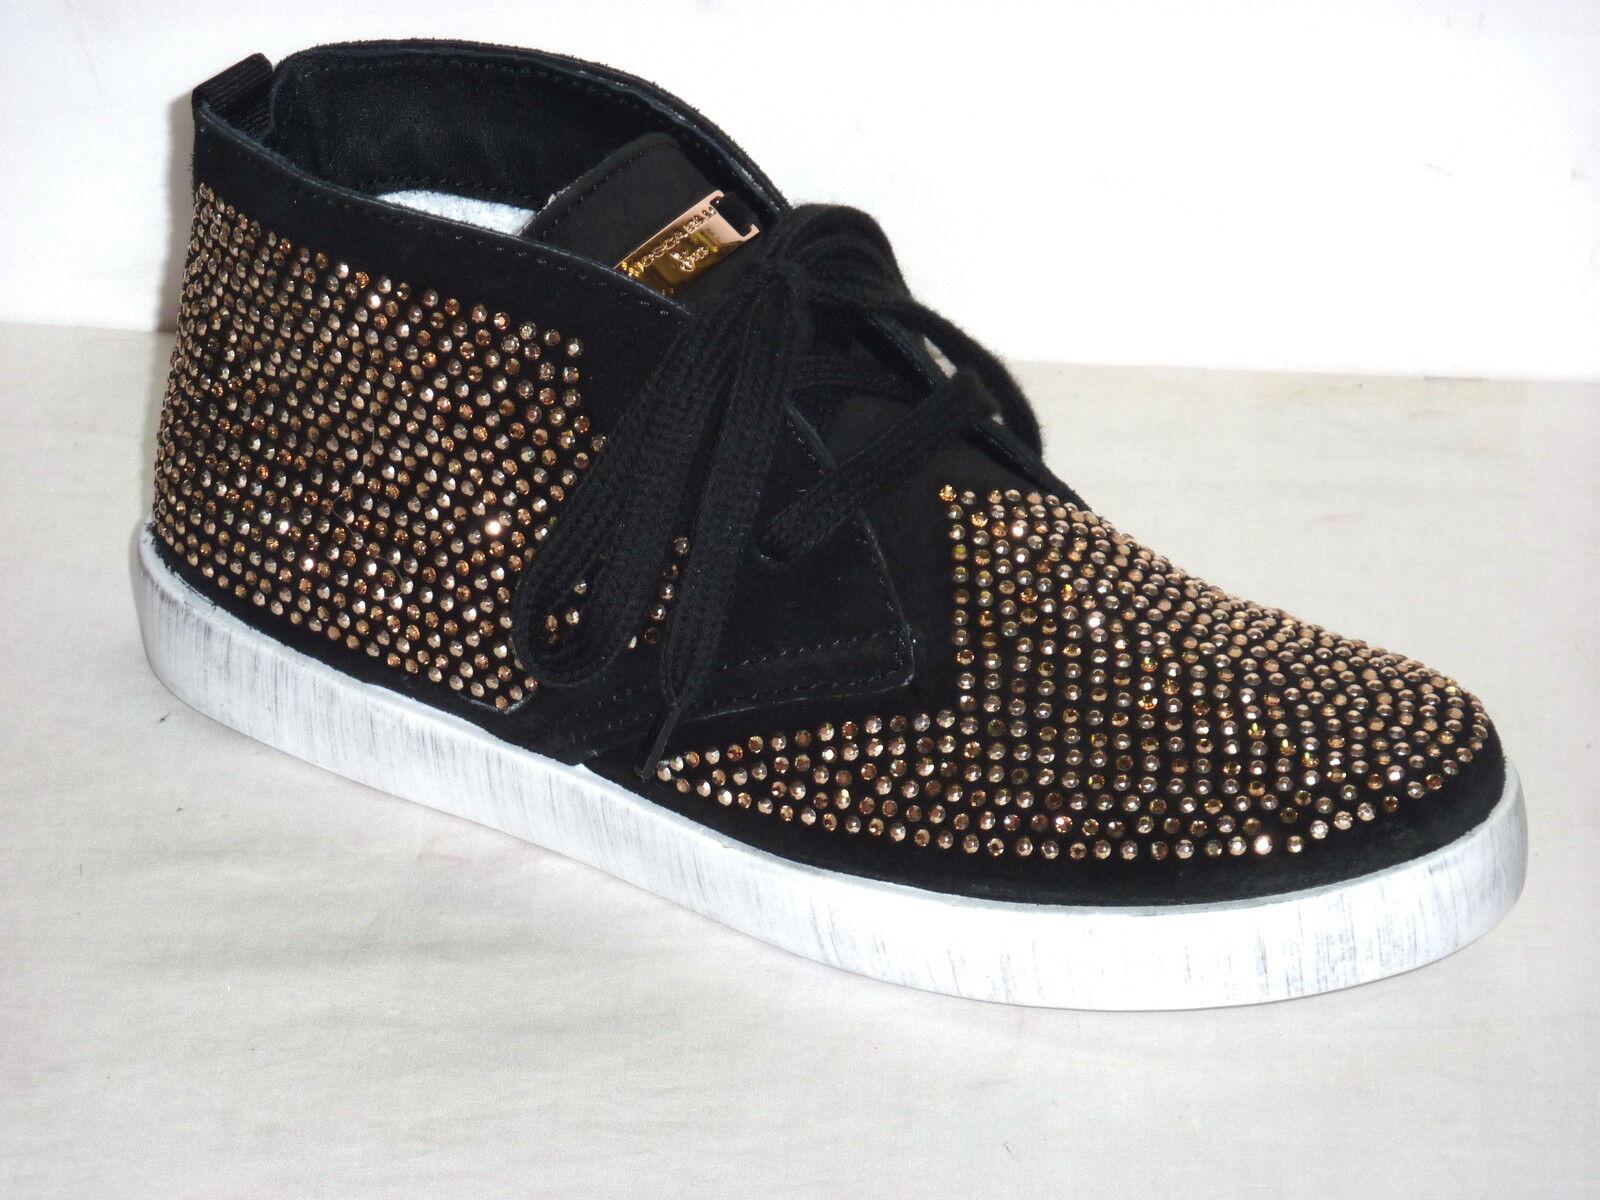 Zapatos promocionales para hombres y mujeres TOSCA AZUL ZAPATILLAS TENIS MUJER Zapatillas deportivas PIEL NOBUCK NEGRO STRASS